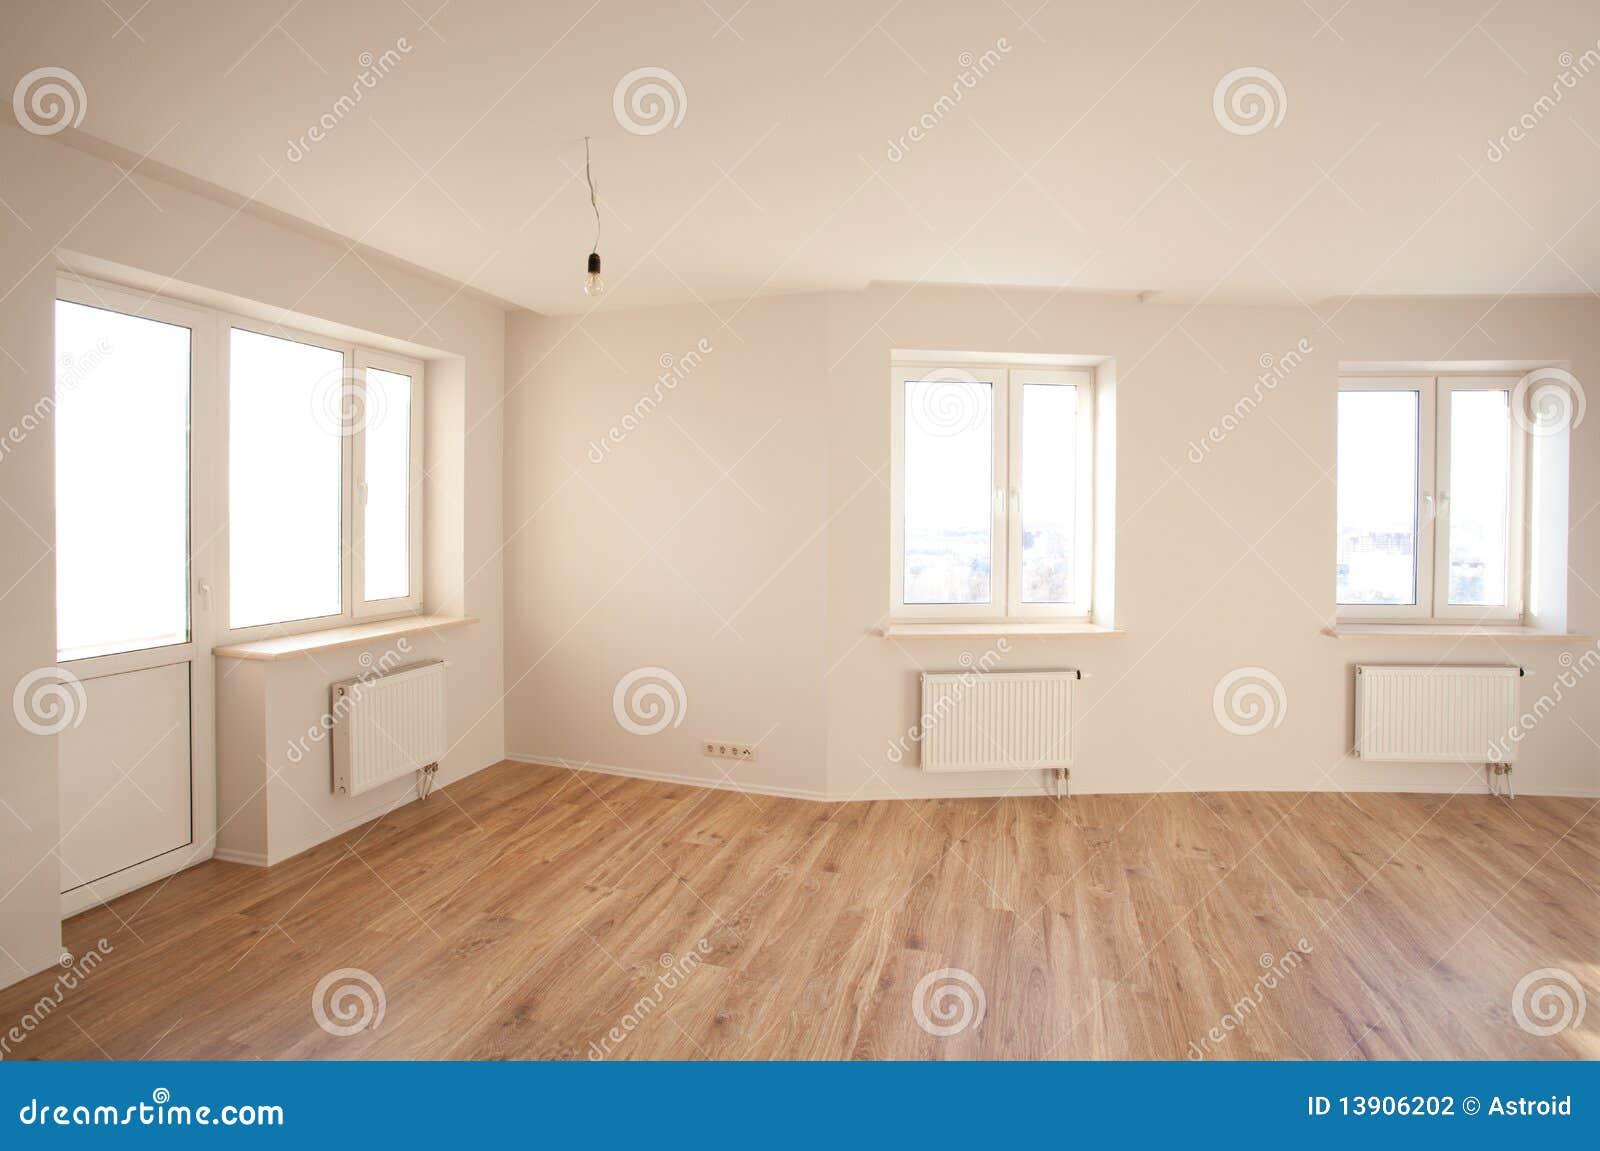 Leerer Heller Raum Mit Fenster Stockfoto Bild Von Real Parquet